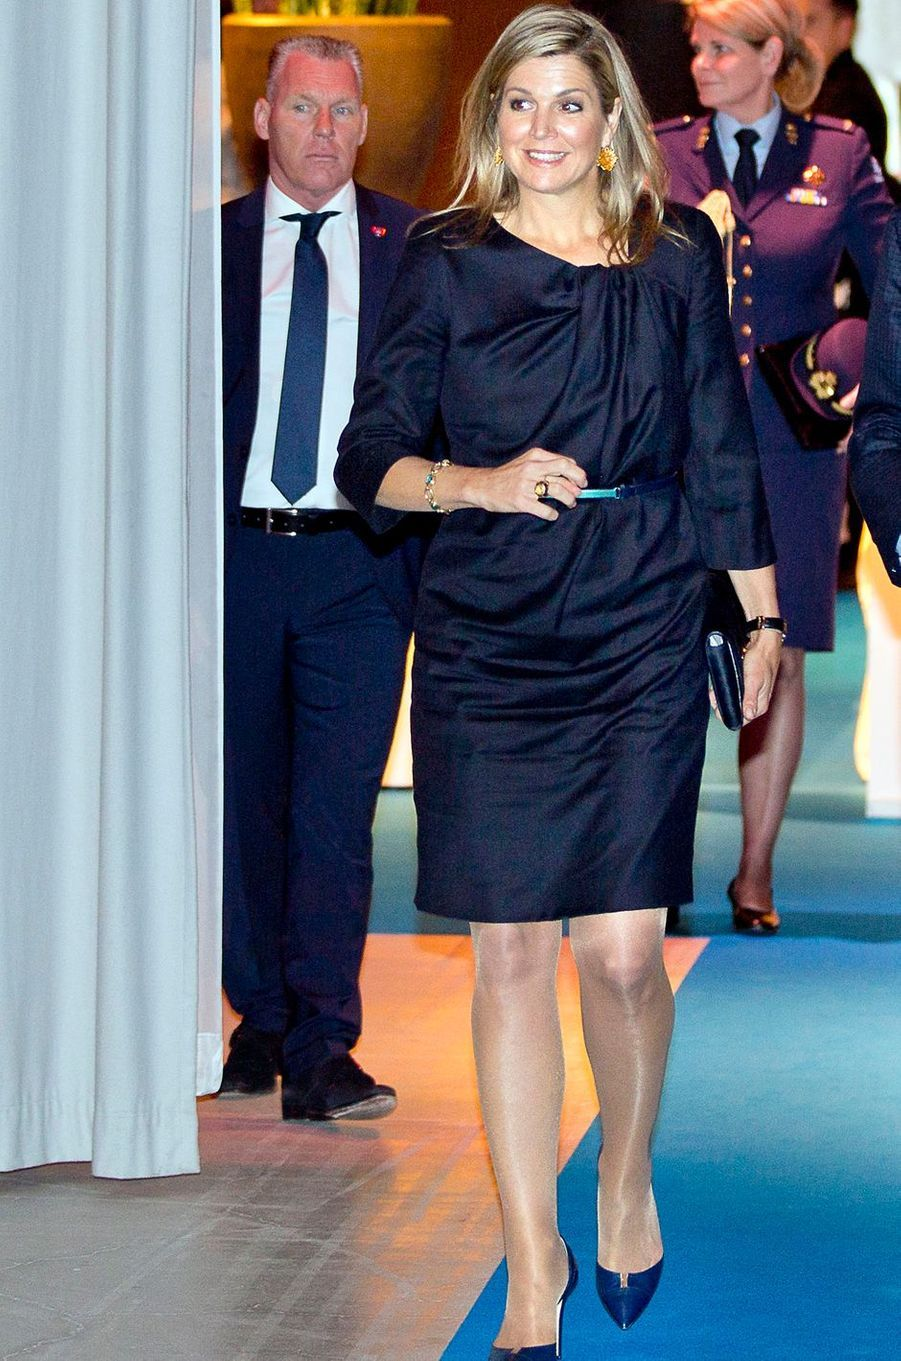 La reine Maxima des Pays-Bas va renontrer des chefs d'entreprise à La Haye, le 23 janvier 2017